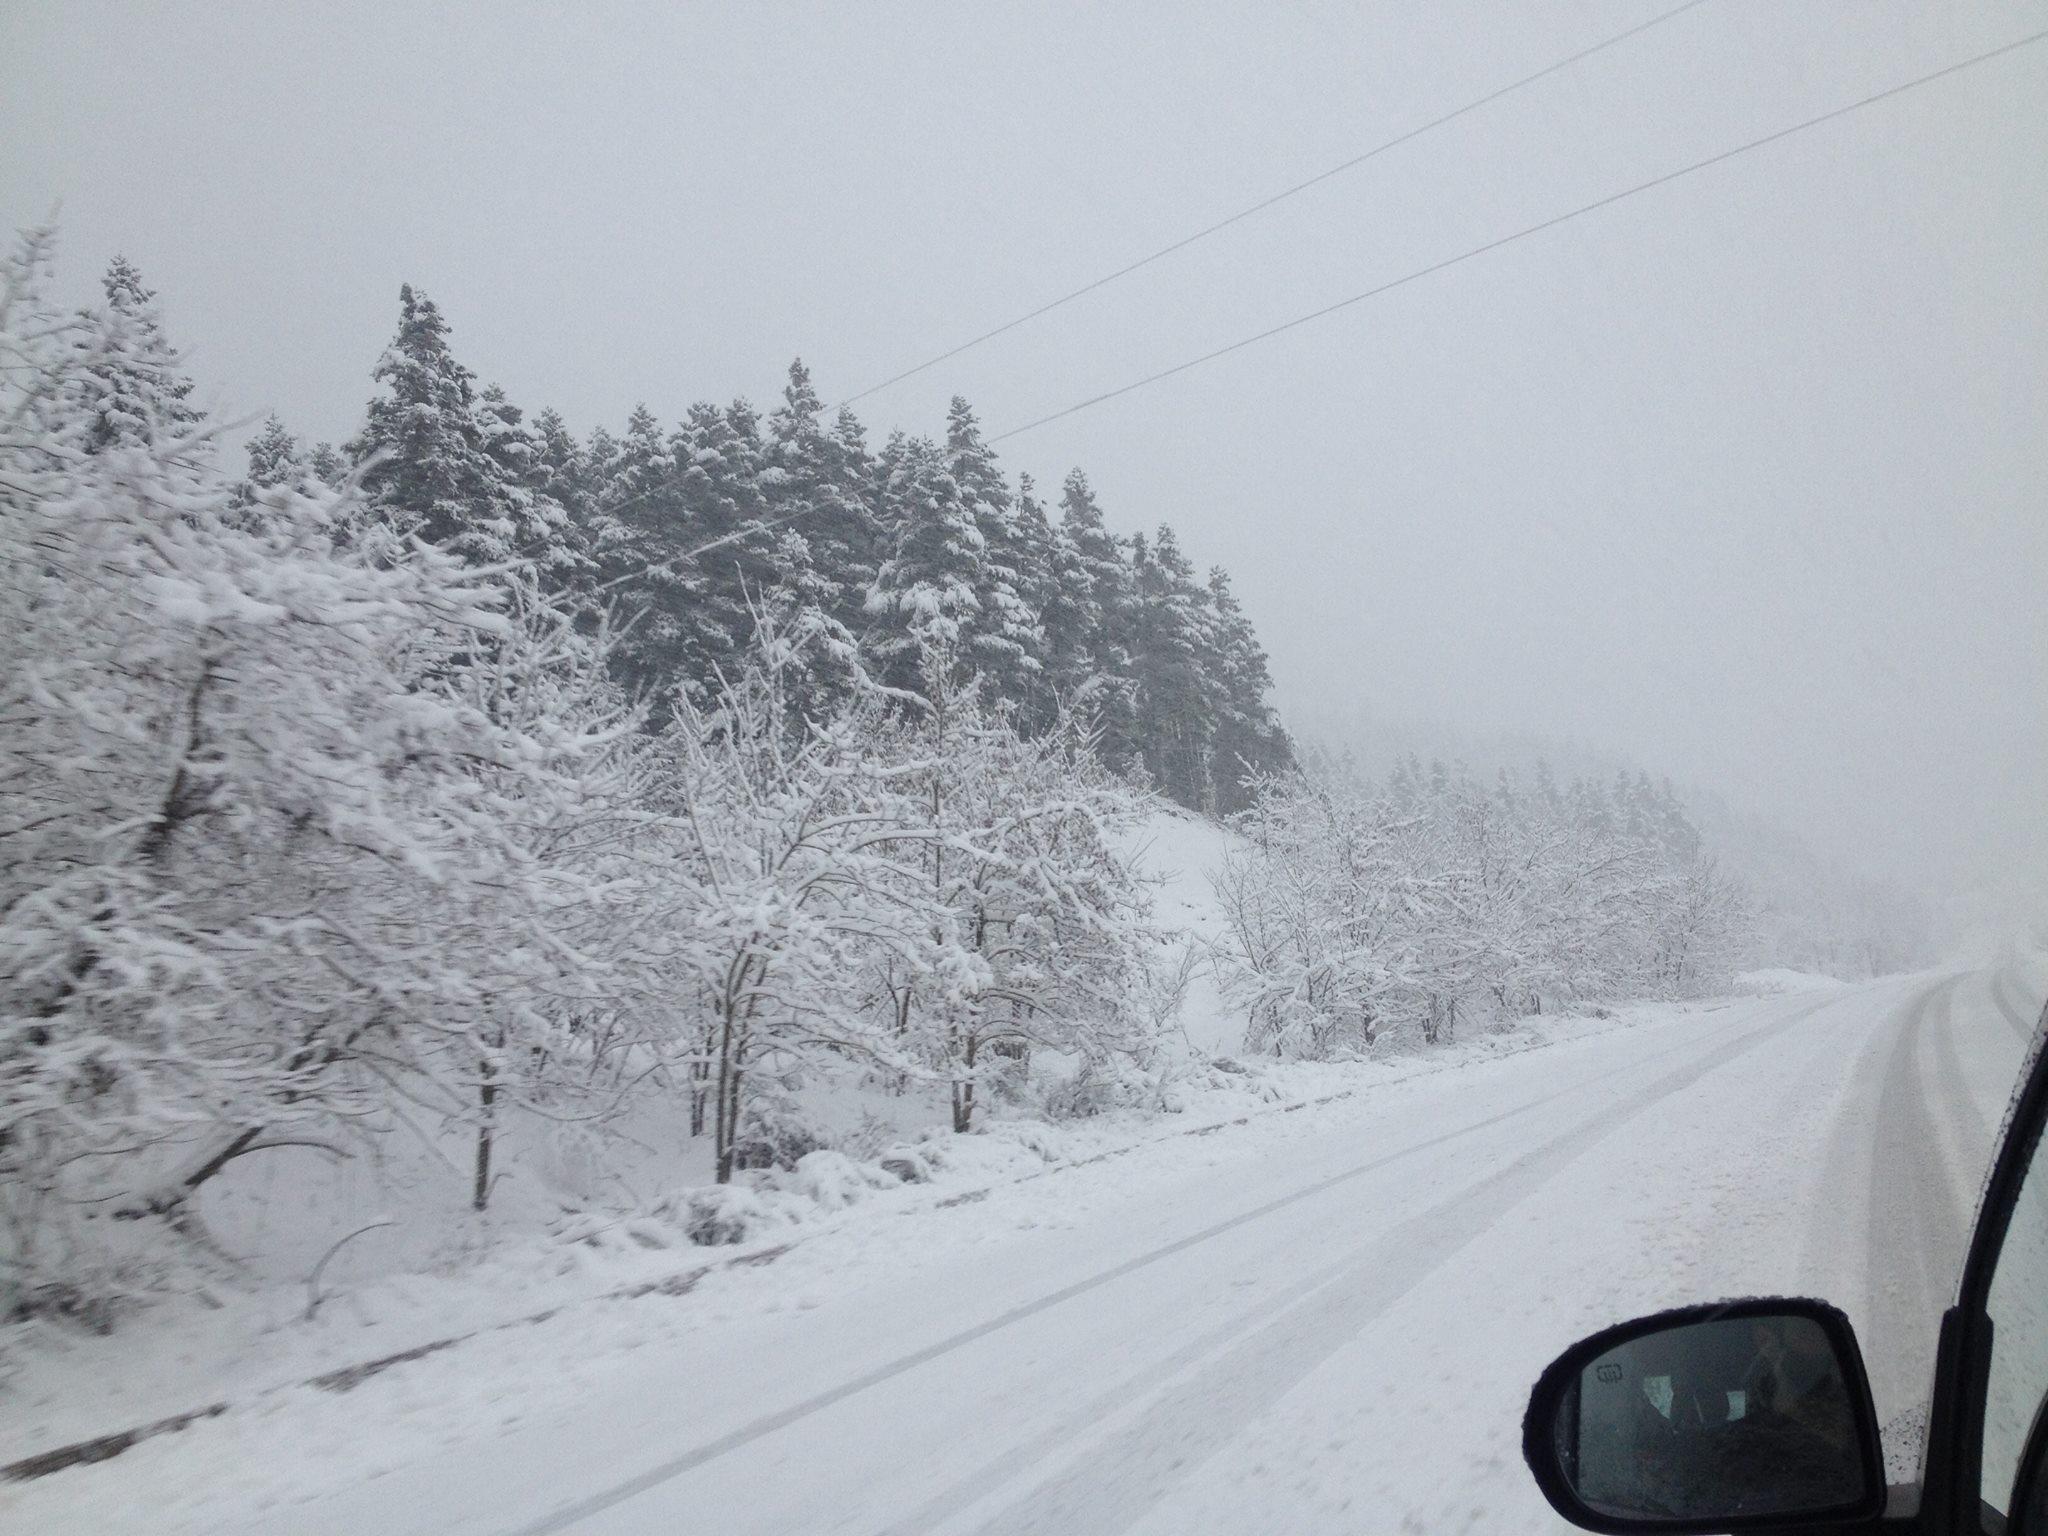 Από τα χιόνια σήμερα το πρωί [εικόνες